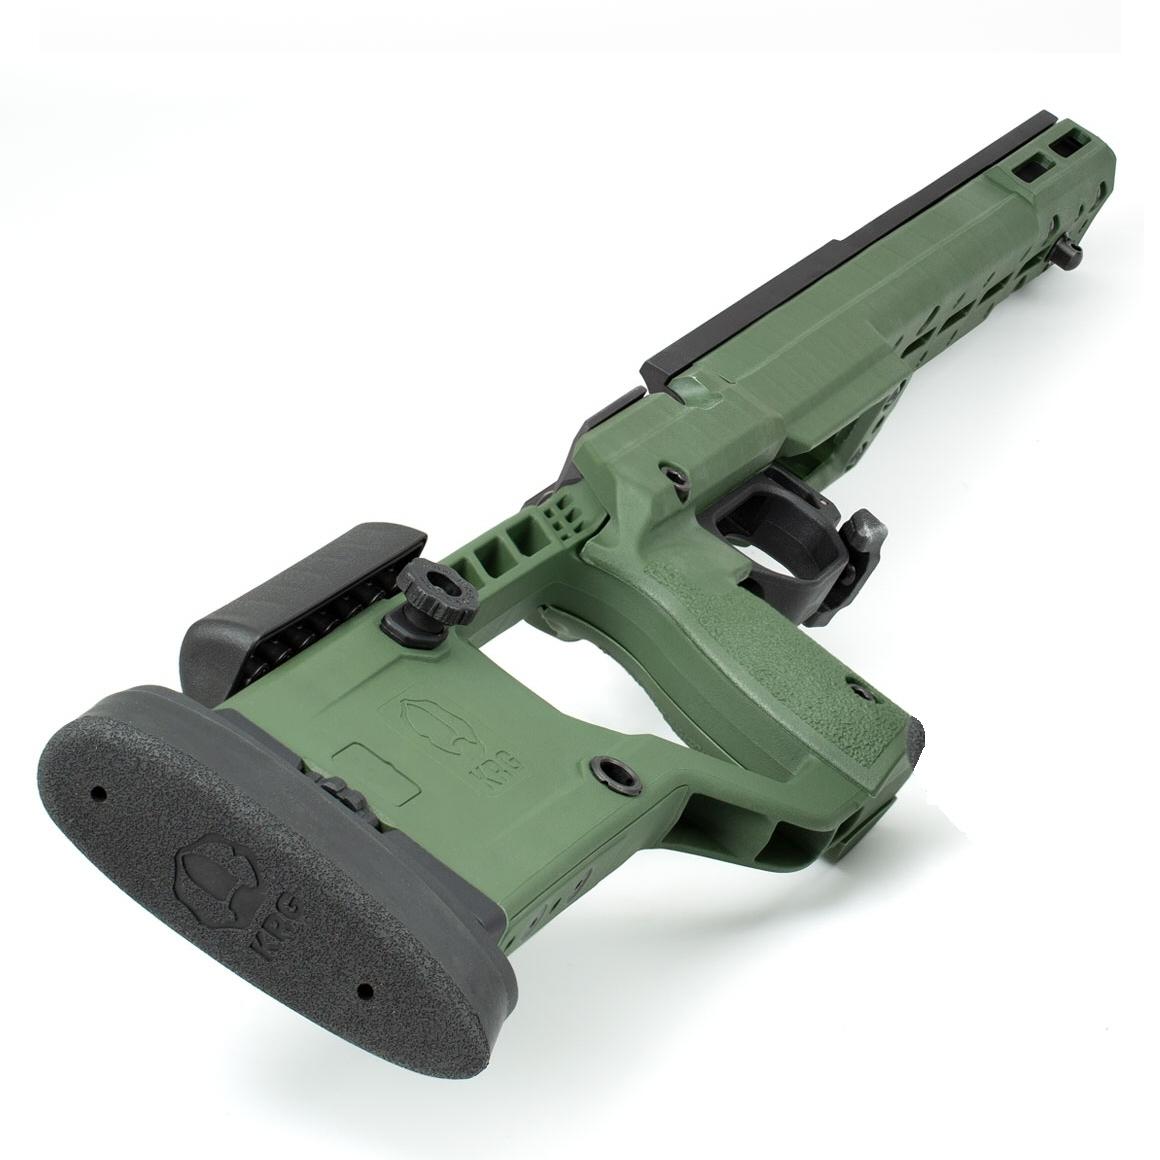 KRG X-Ray Rifle Chassis Remington 700 SA Green